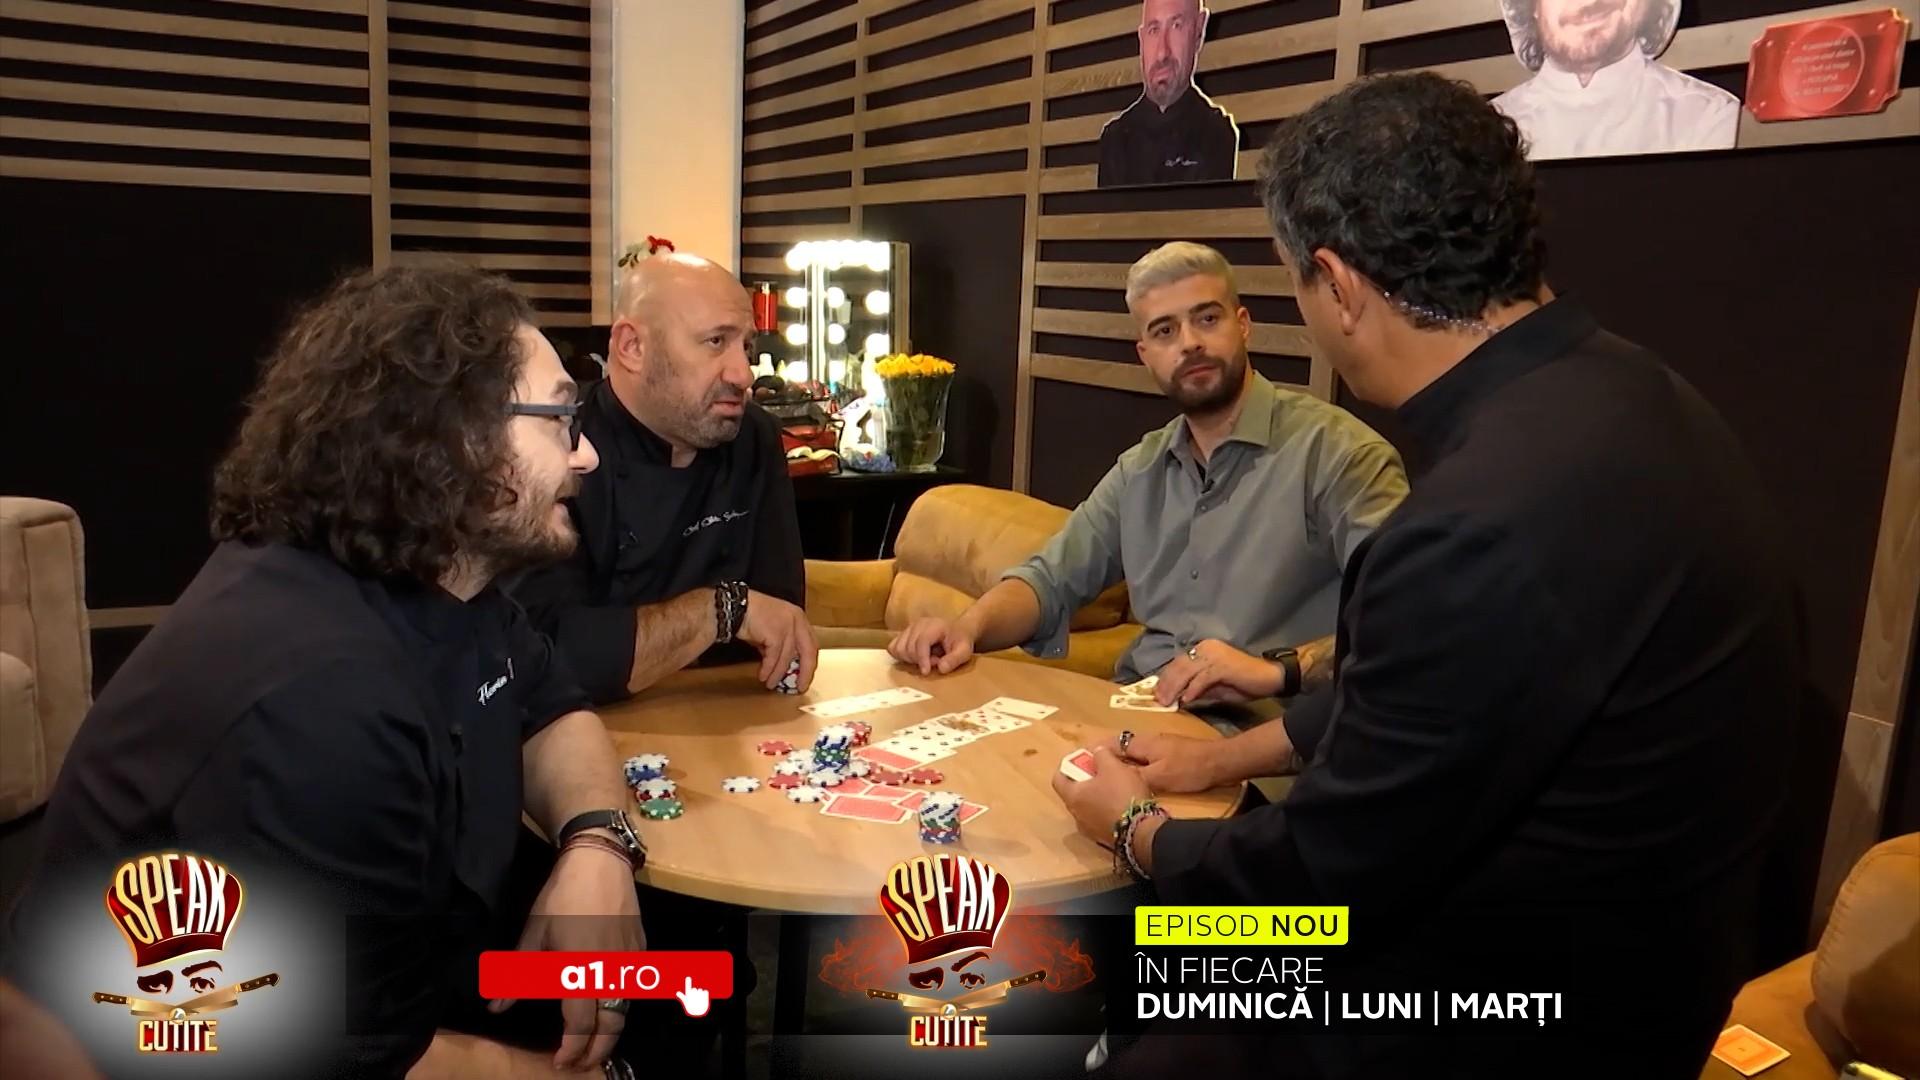 Speak la Cutite - Episodul 2